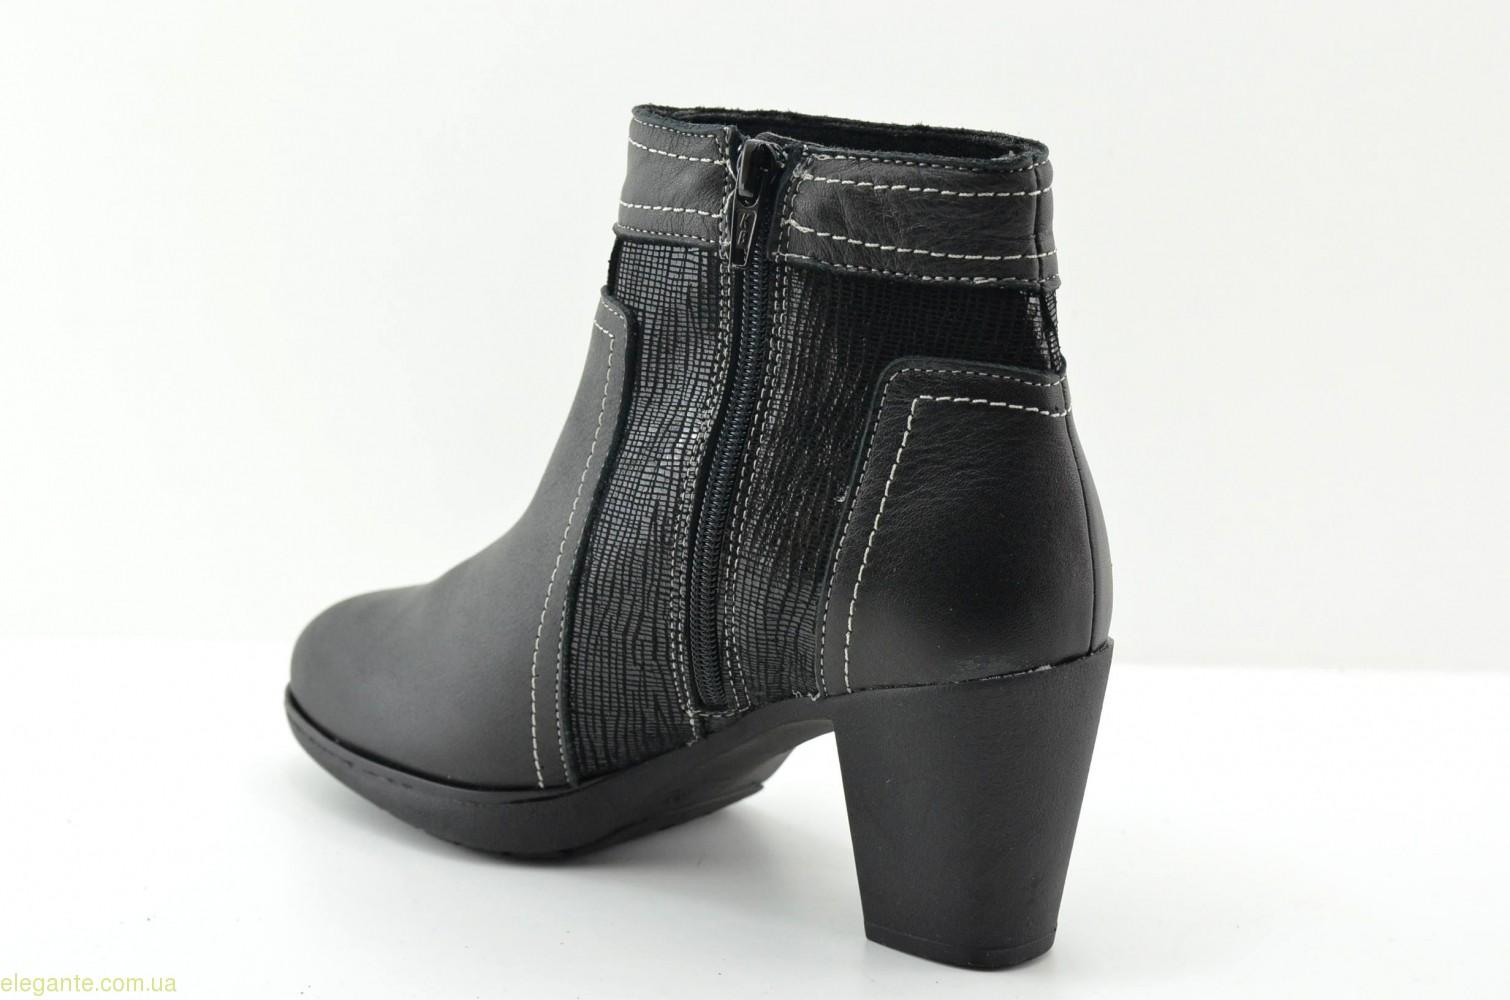 Жіночі черевики DIGO DIGO1 чорні 0